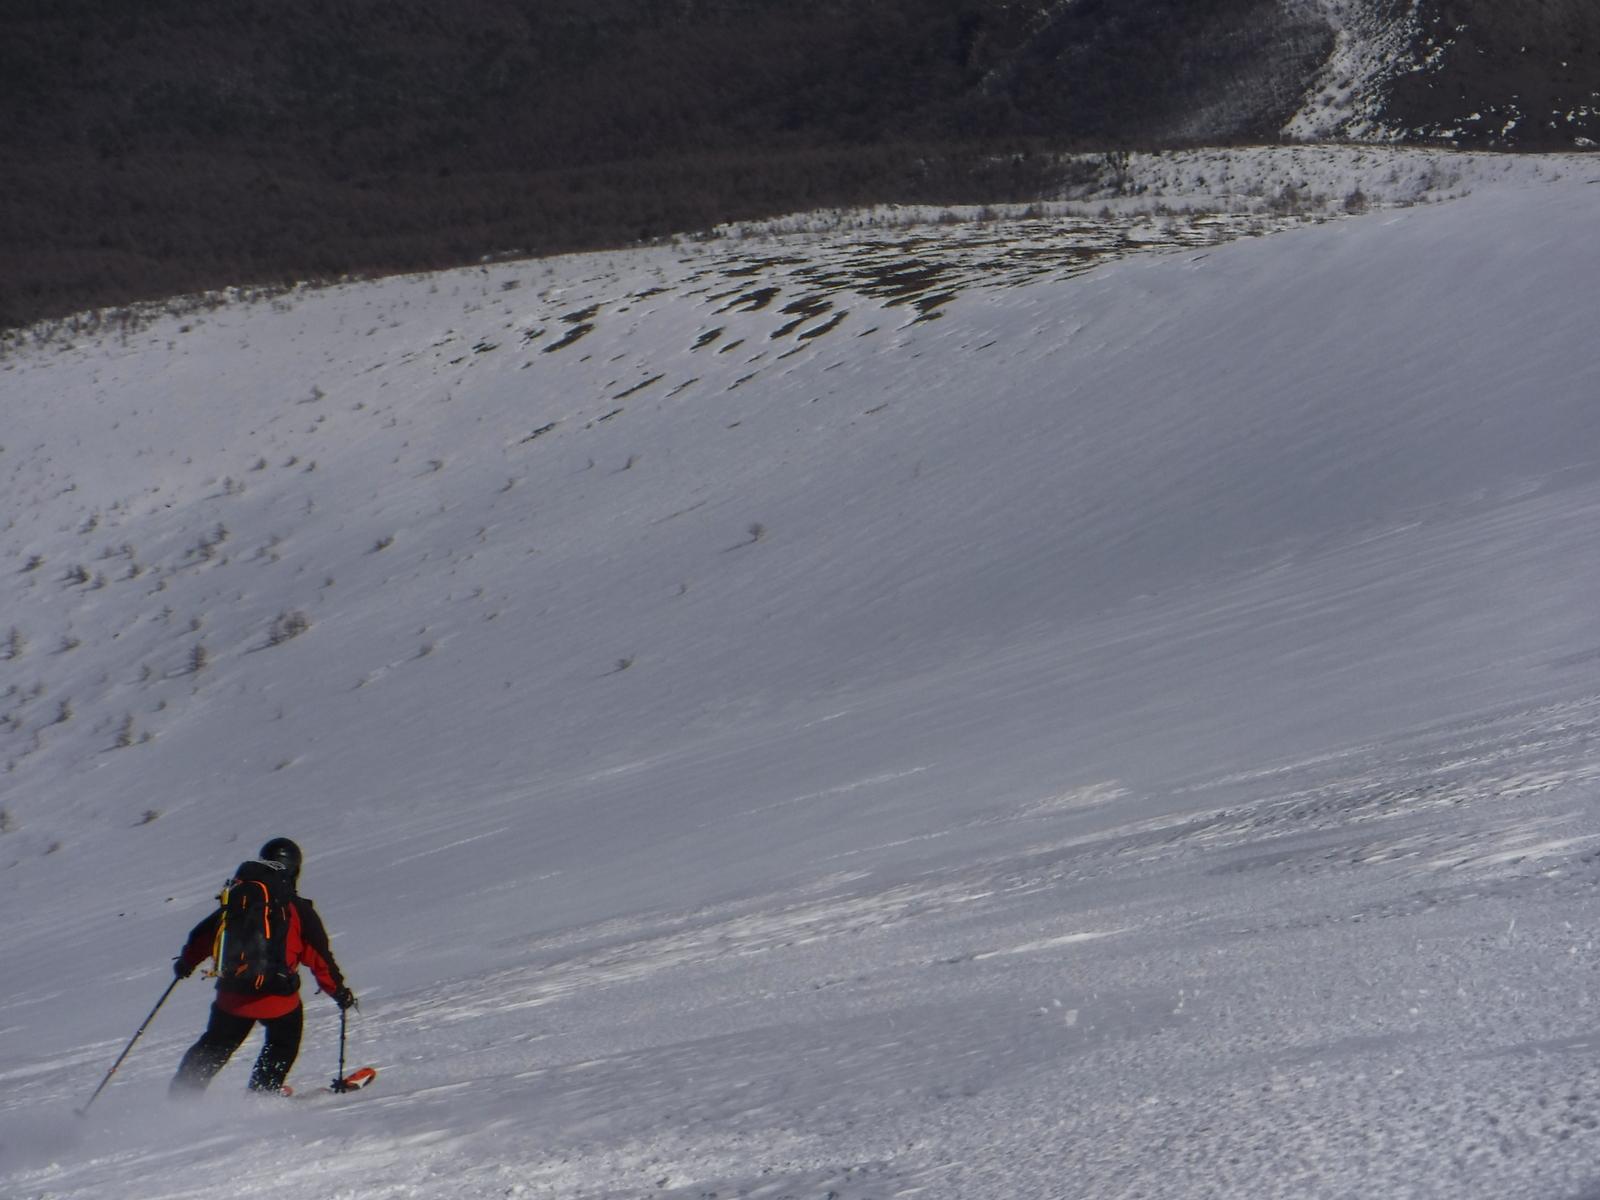 12:50 緊張する堅雪の滑り、ストックは二人ともウイペット